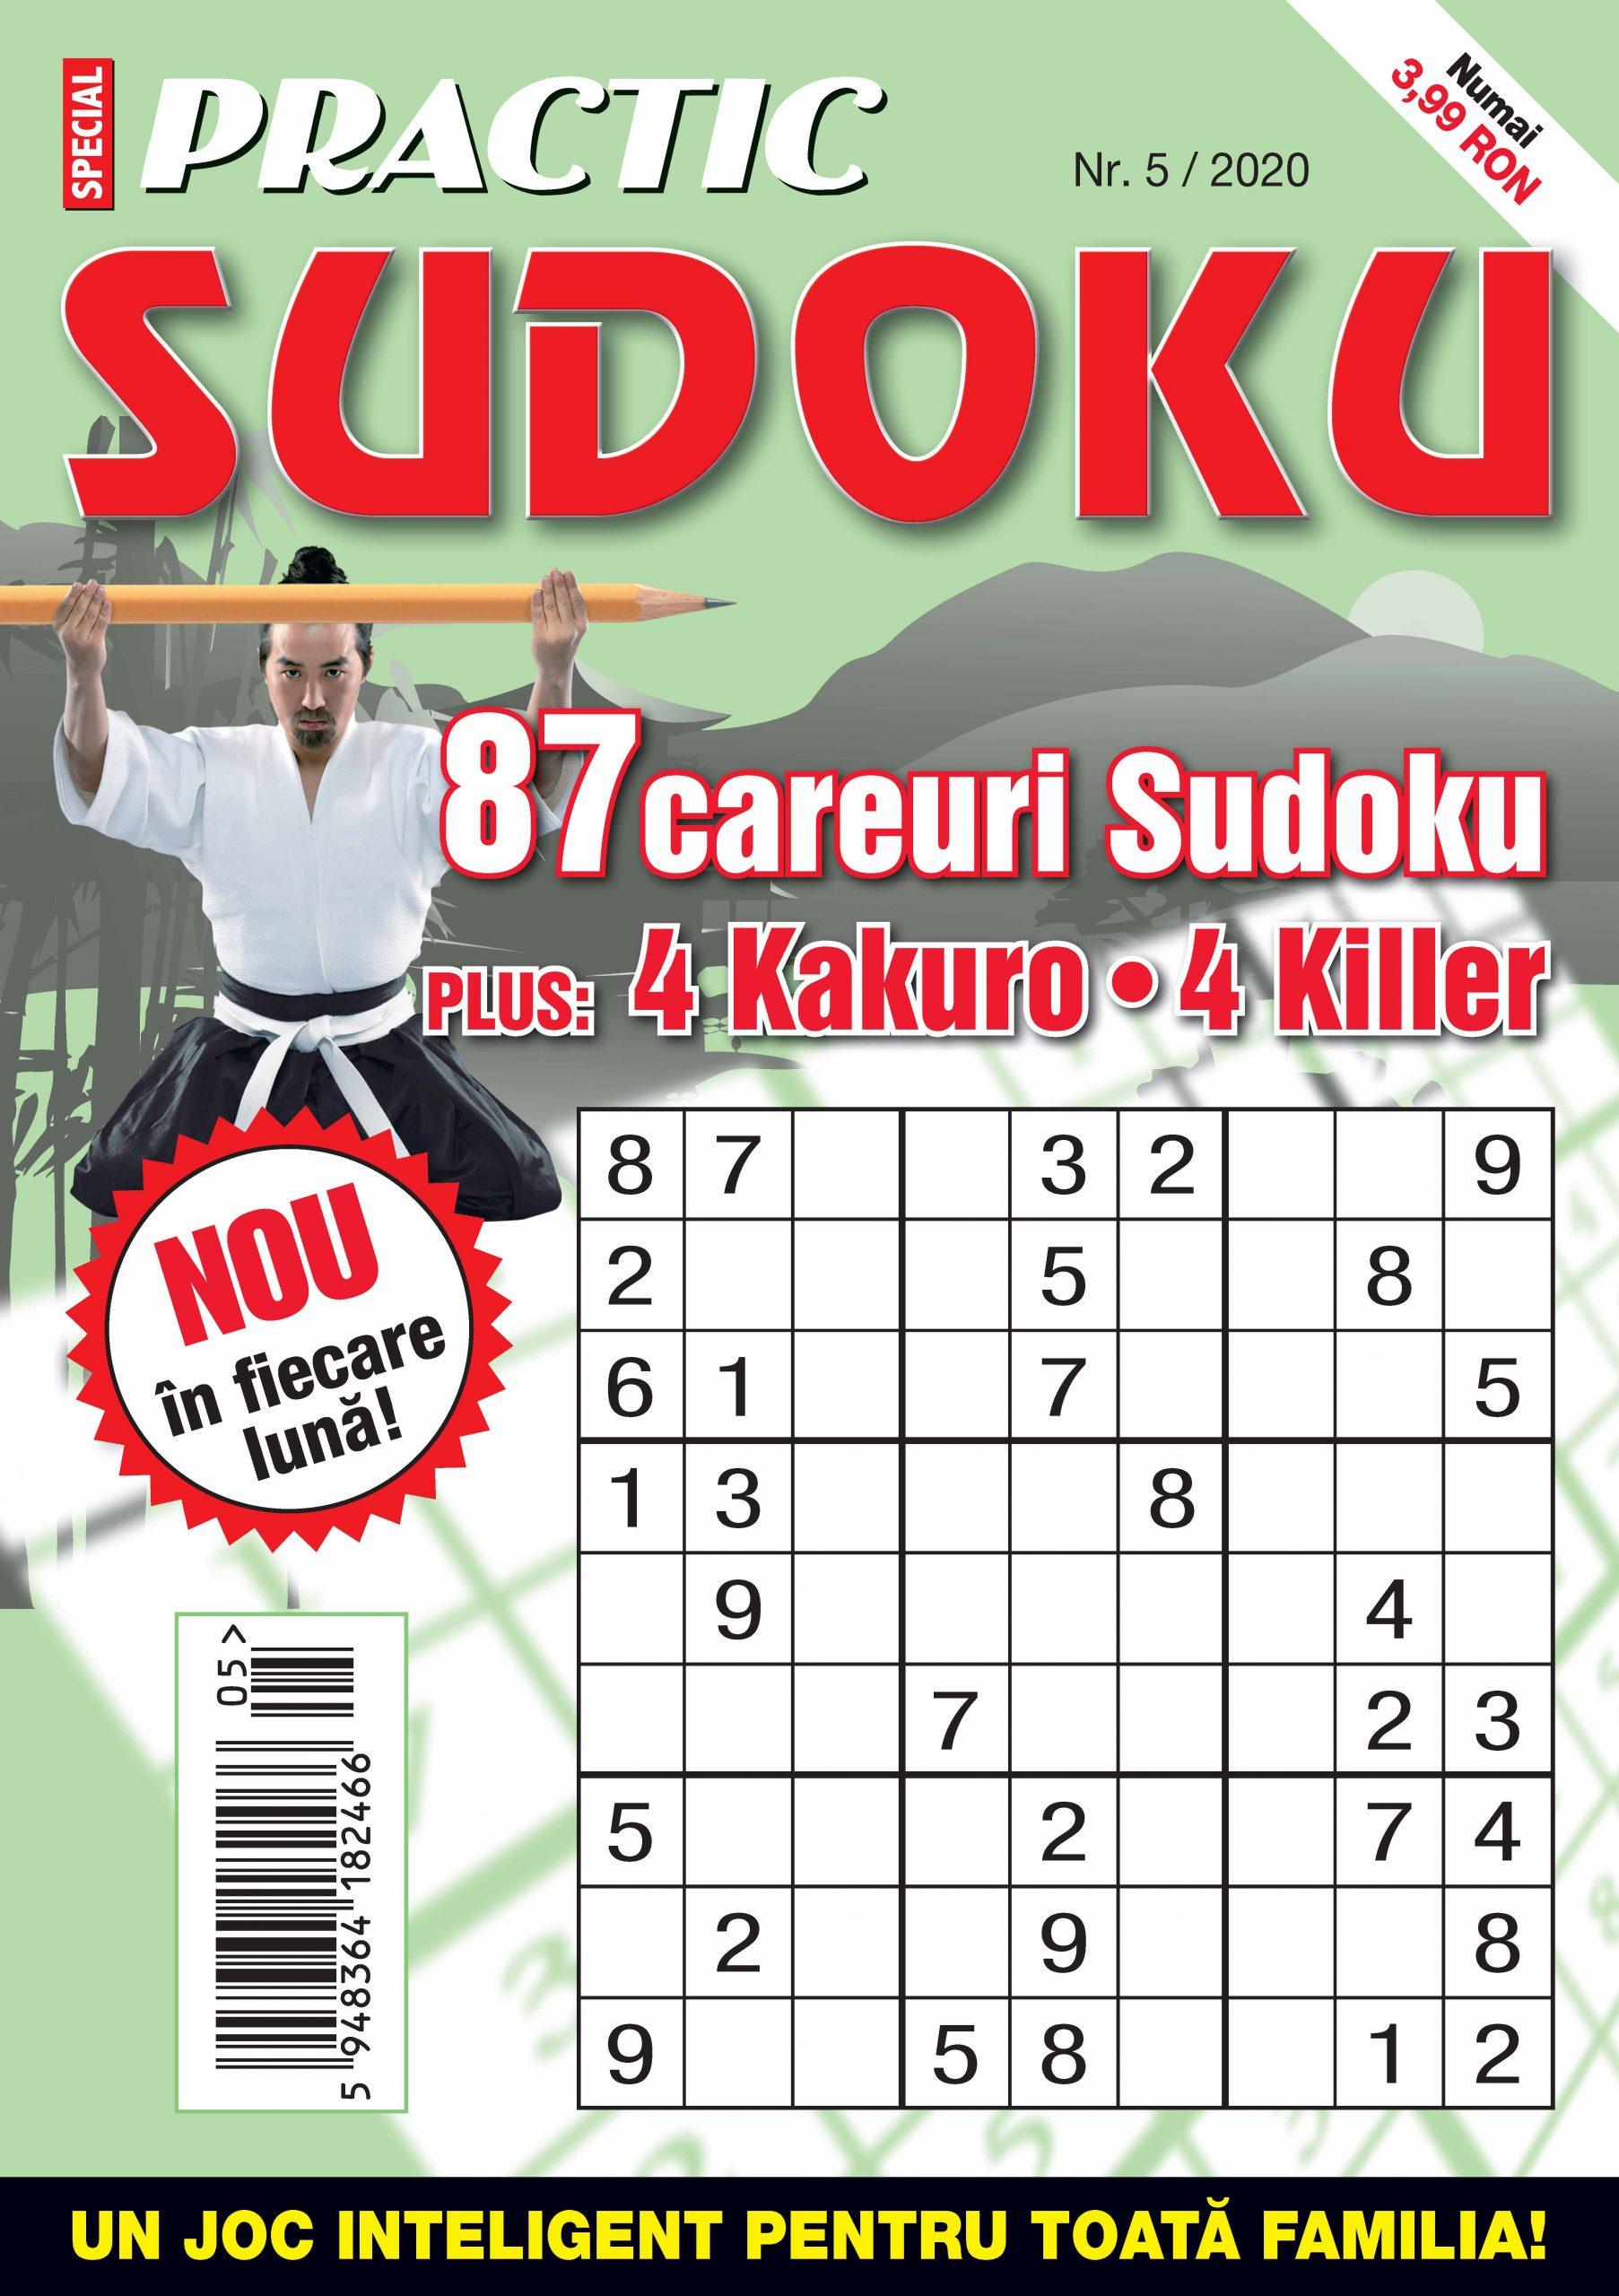 Practic Sudoku 5